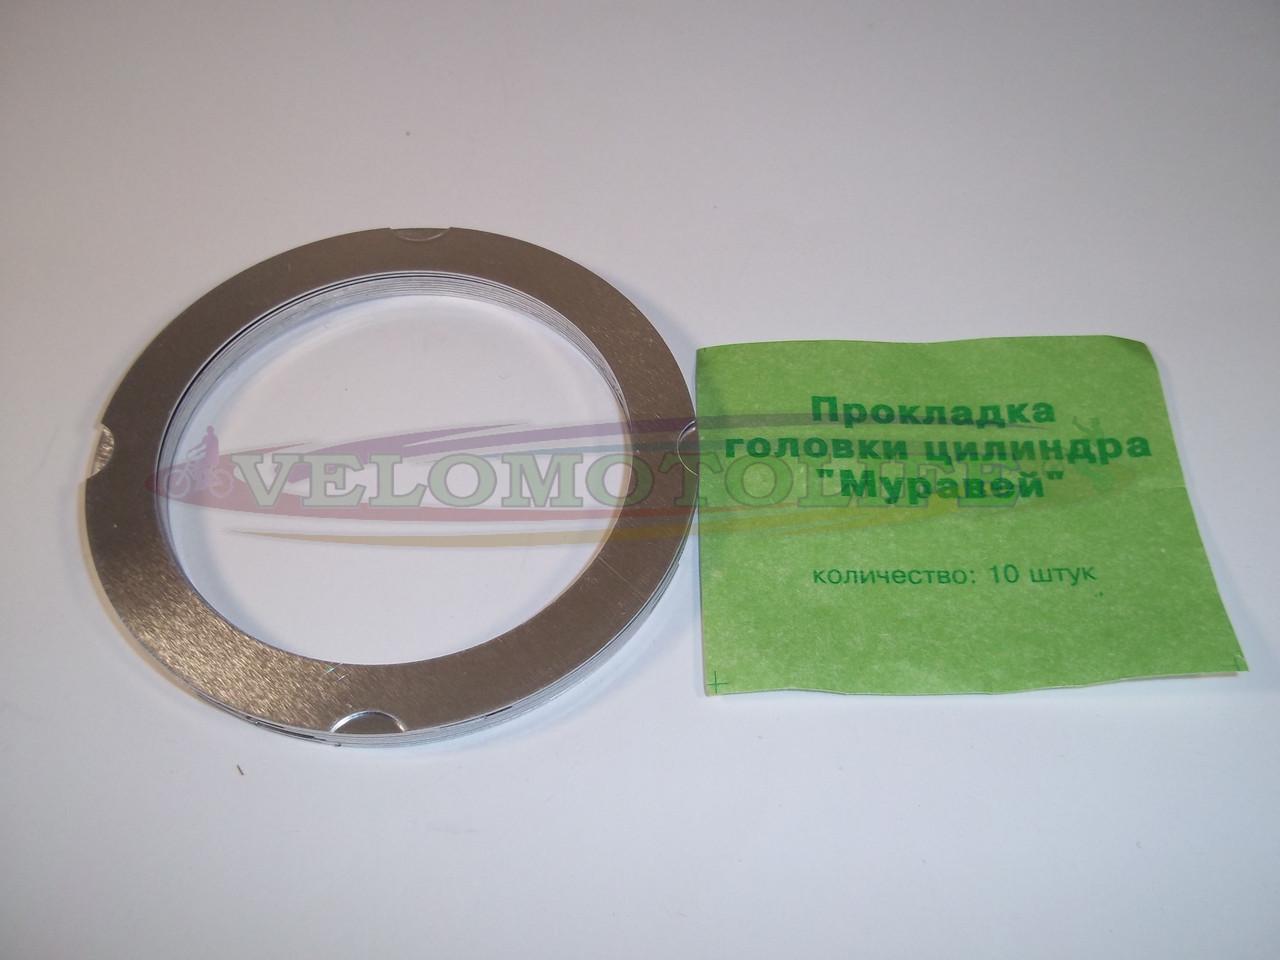 Прокладка головки цилиндра Муравей